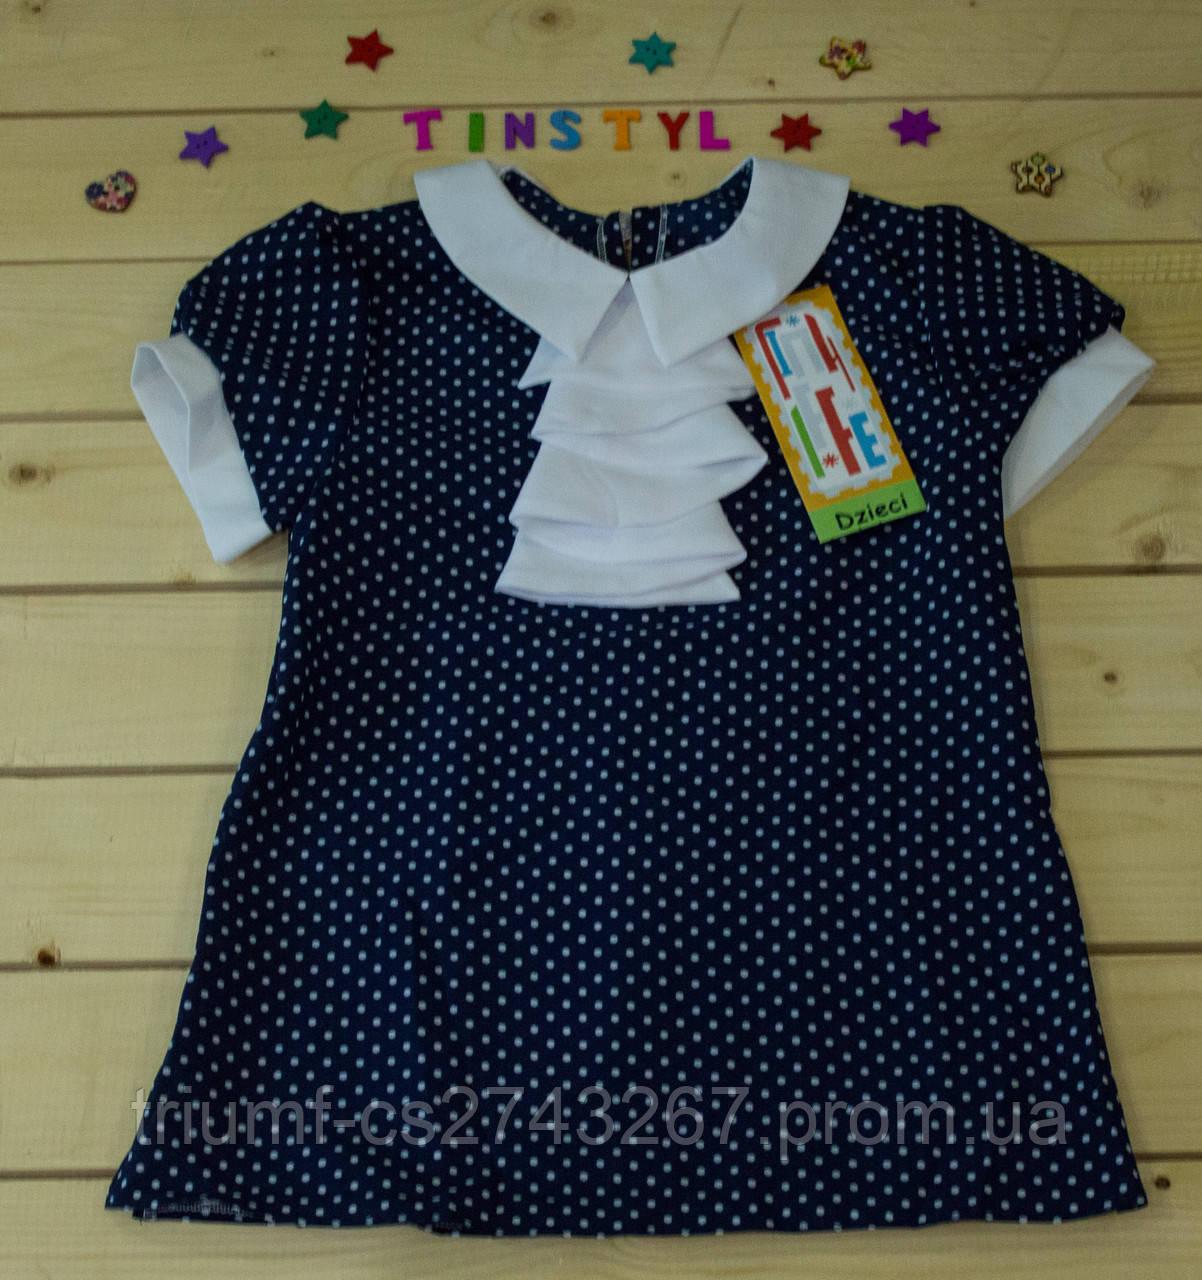 """Нарядная блузка с коротким рукавом для девочки на рост 116-152 -  Интернет -магазин """"Tinstyle""""-  модная креативная молодежная одежда.Одежда для детей и подростков  в Кривом Роге"""